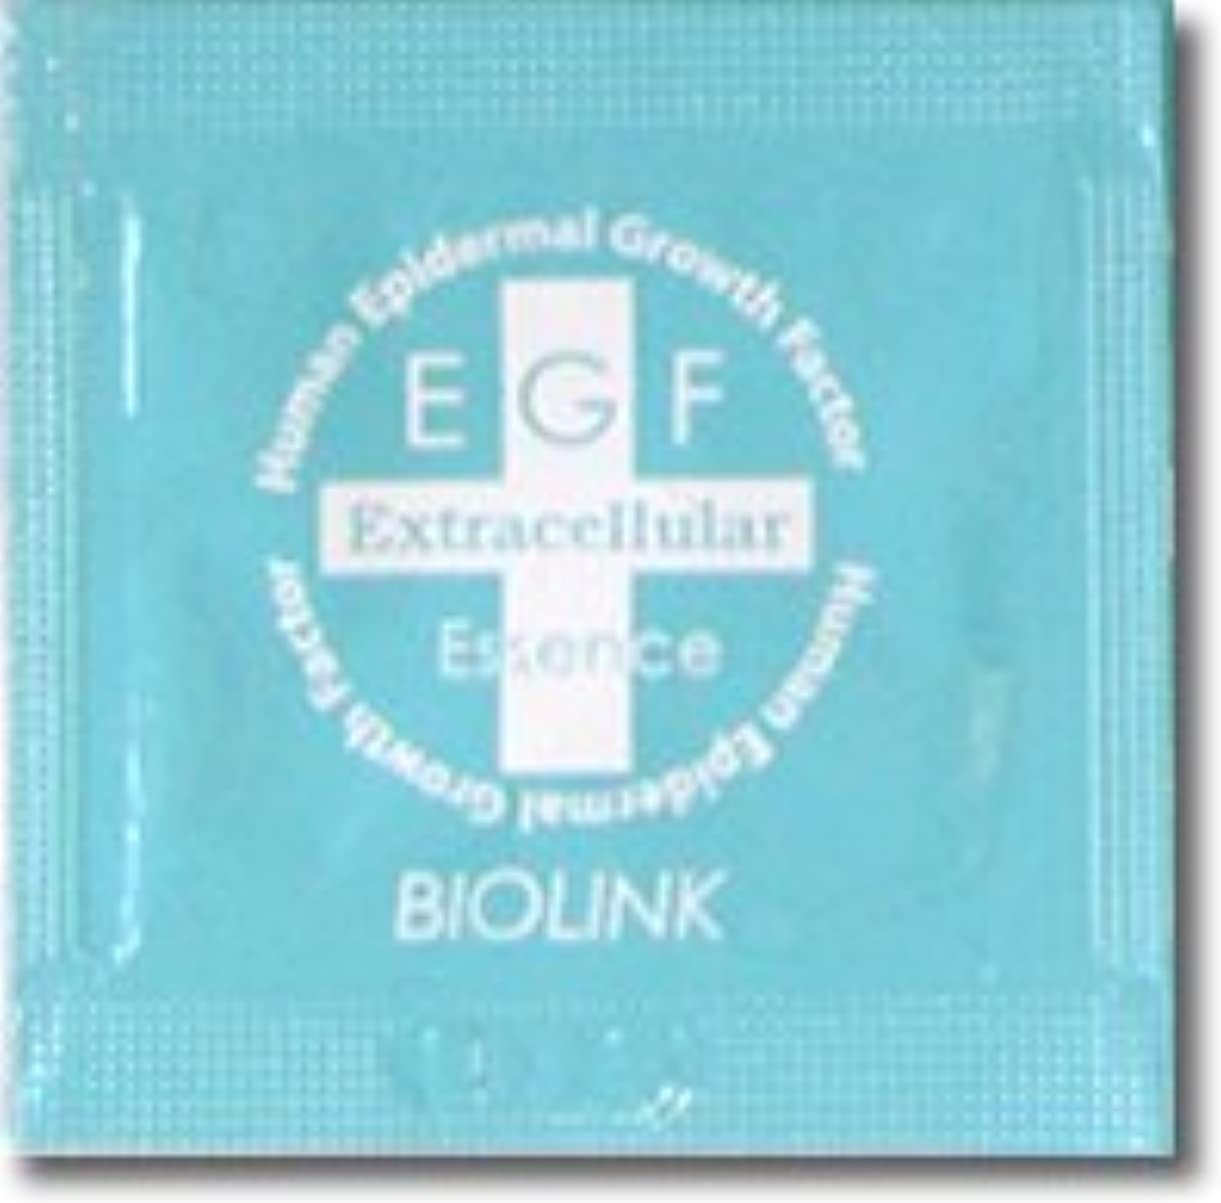 悪性腫瘍先駆者蒸バイオリンク EGF エクストラエッセンス 分包 100個+10個おまけ付きセット